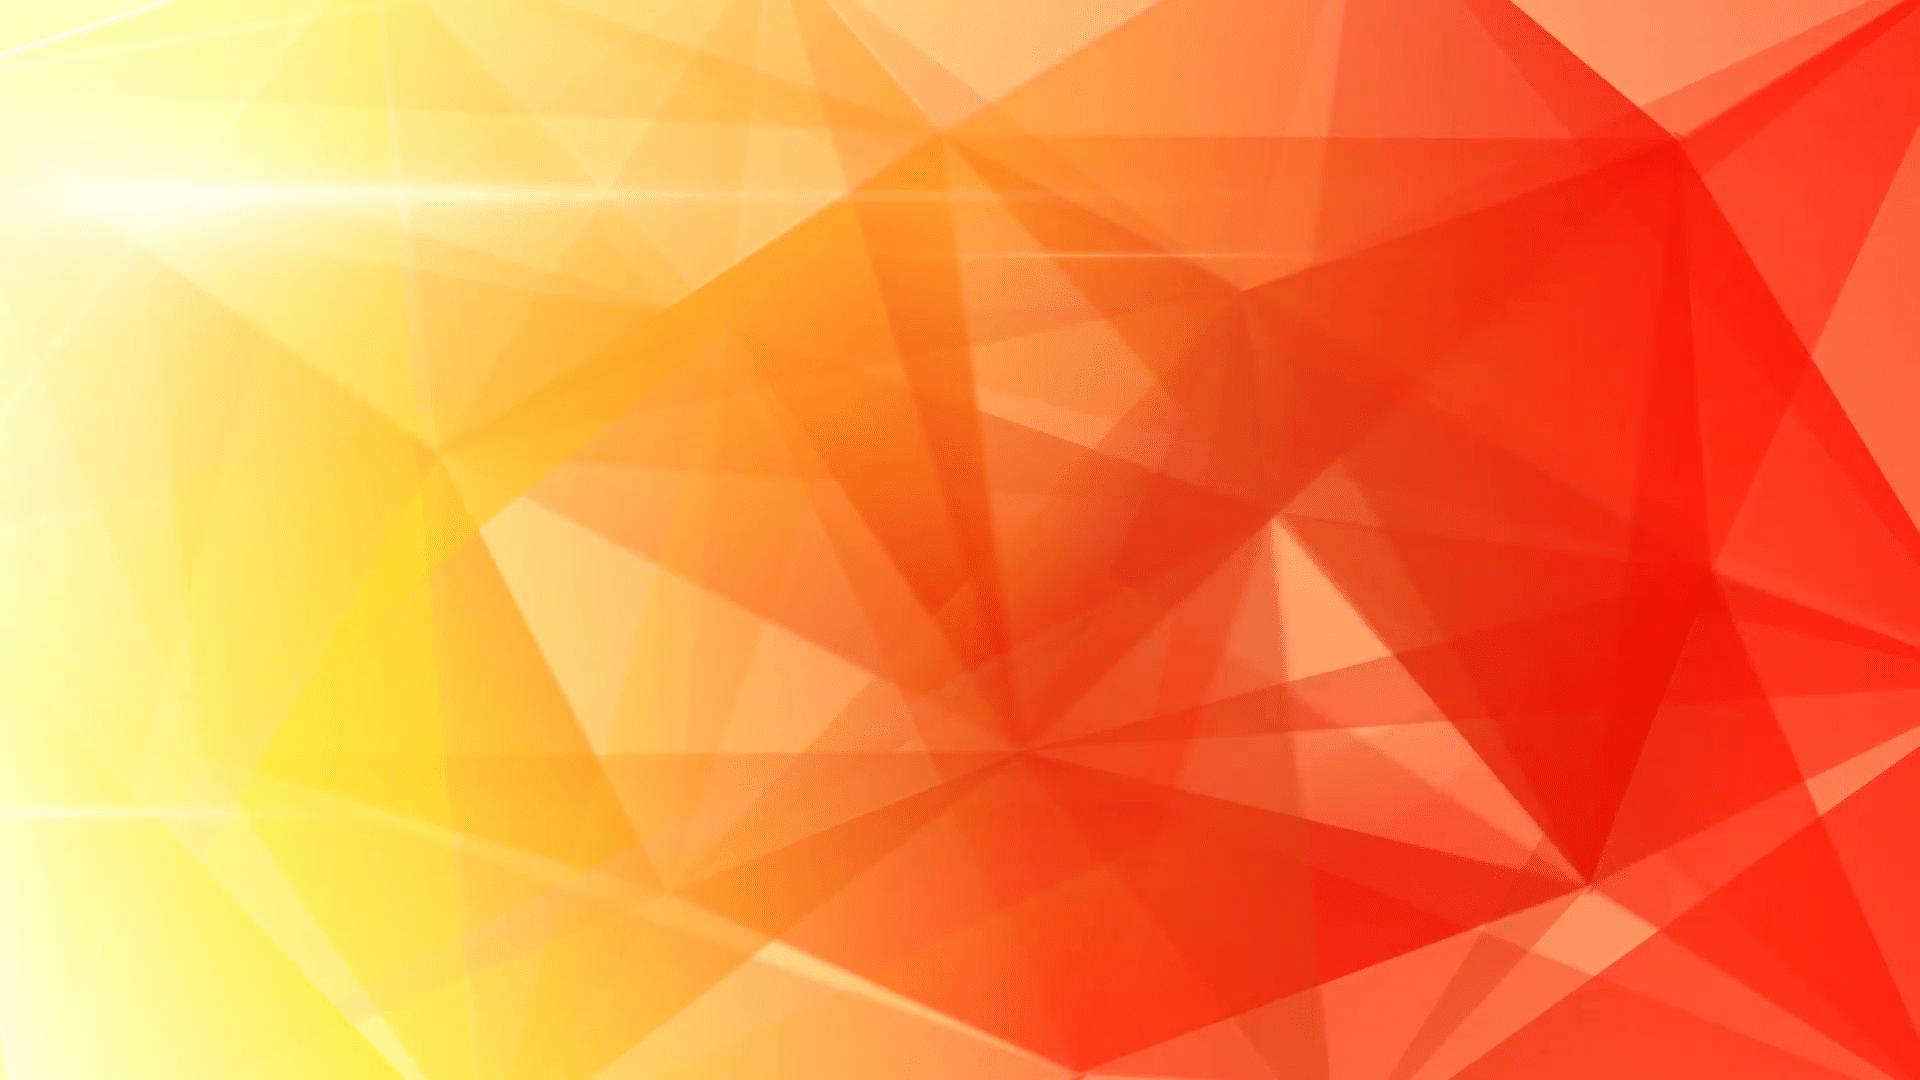 Hình ảnh background hình tam giác đan xen gam màu ấm